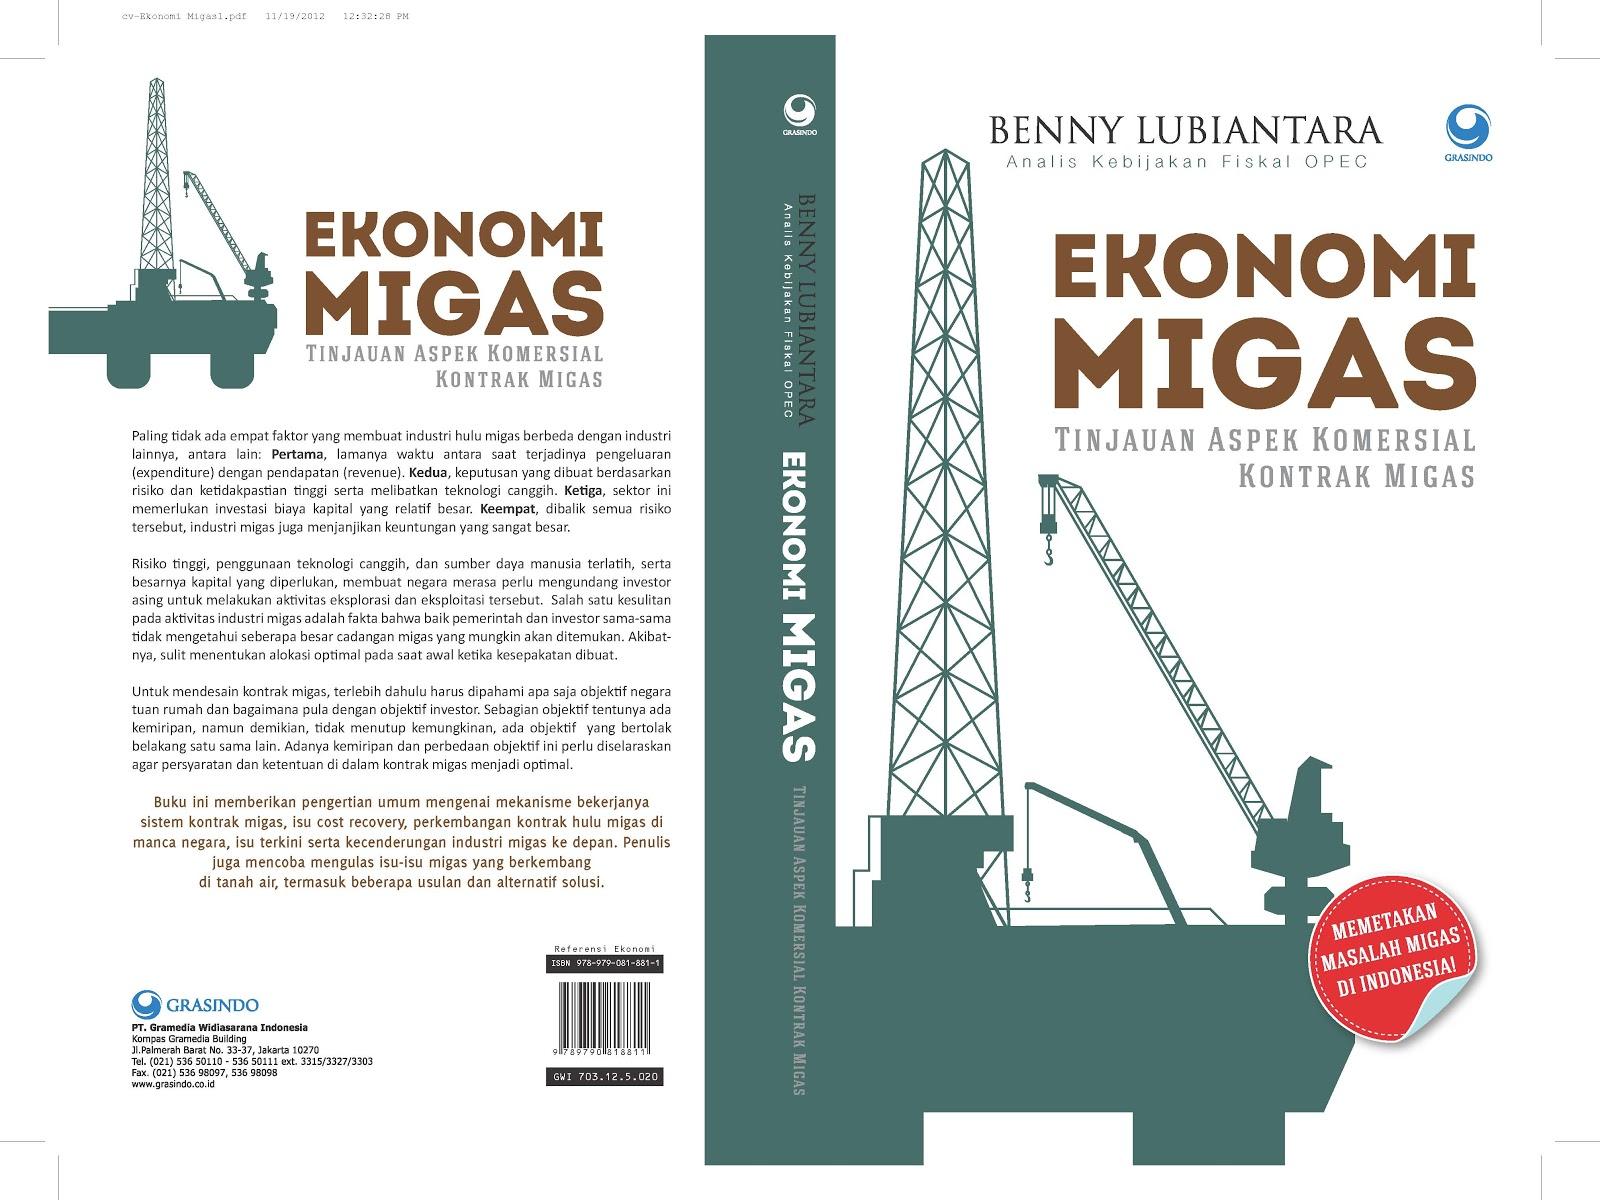 Buku: ekonomi migas